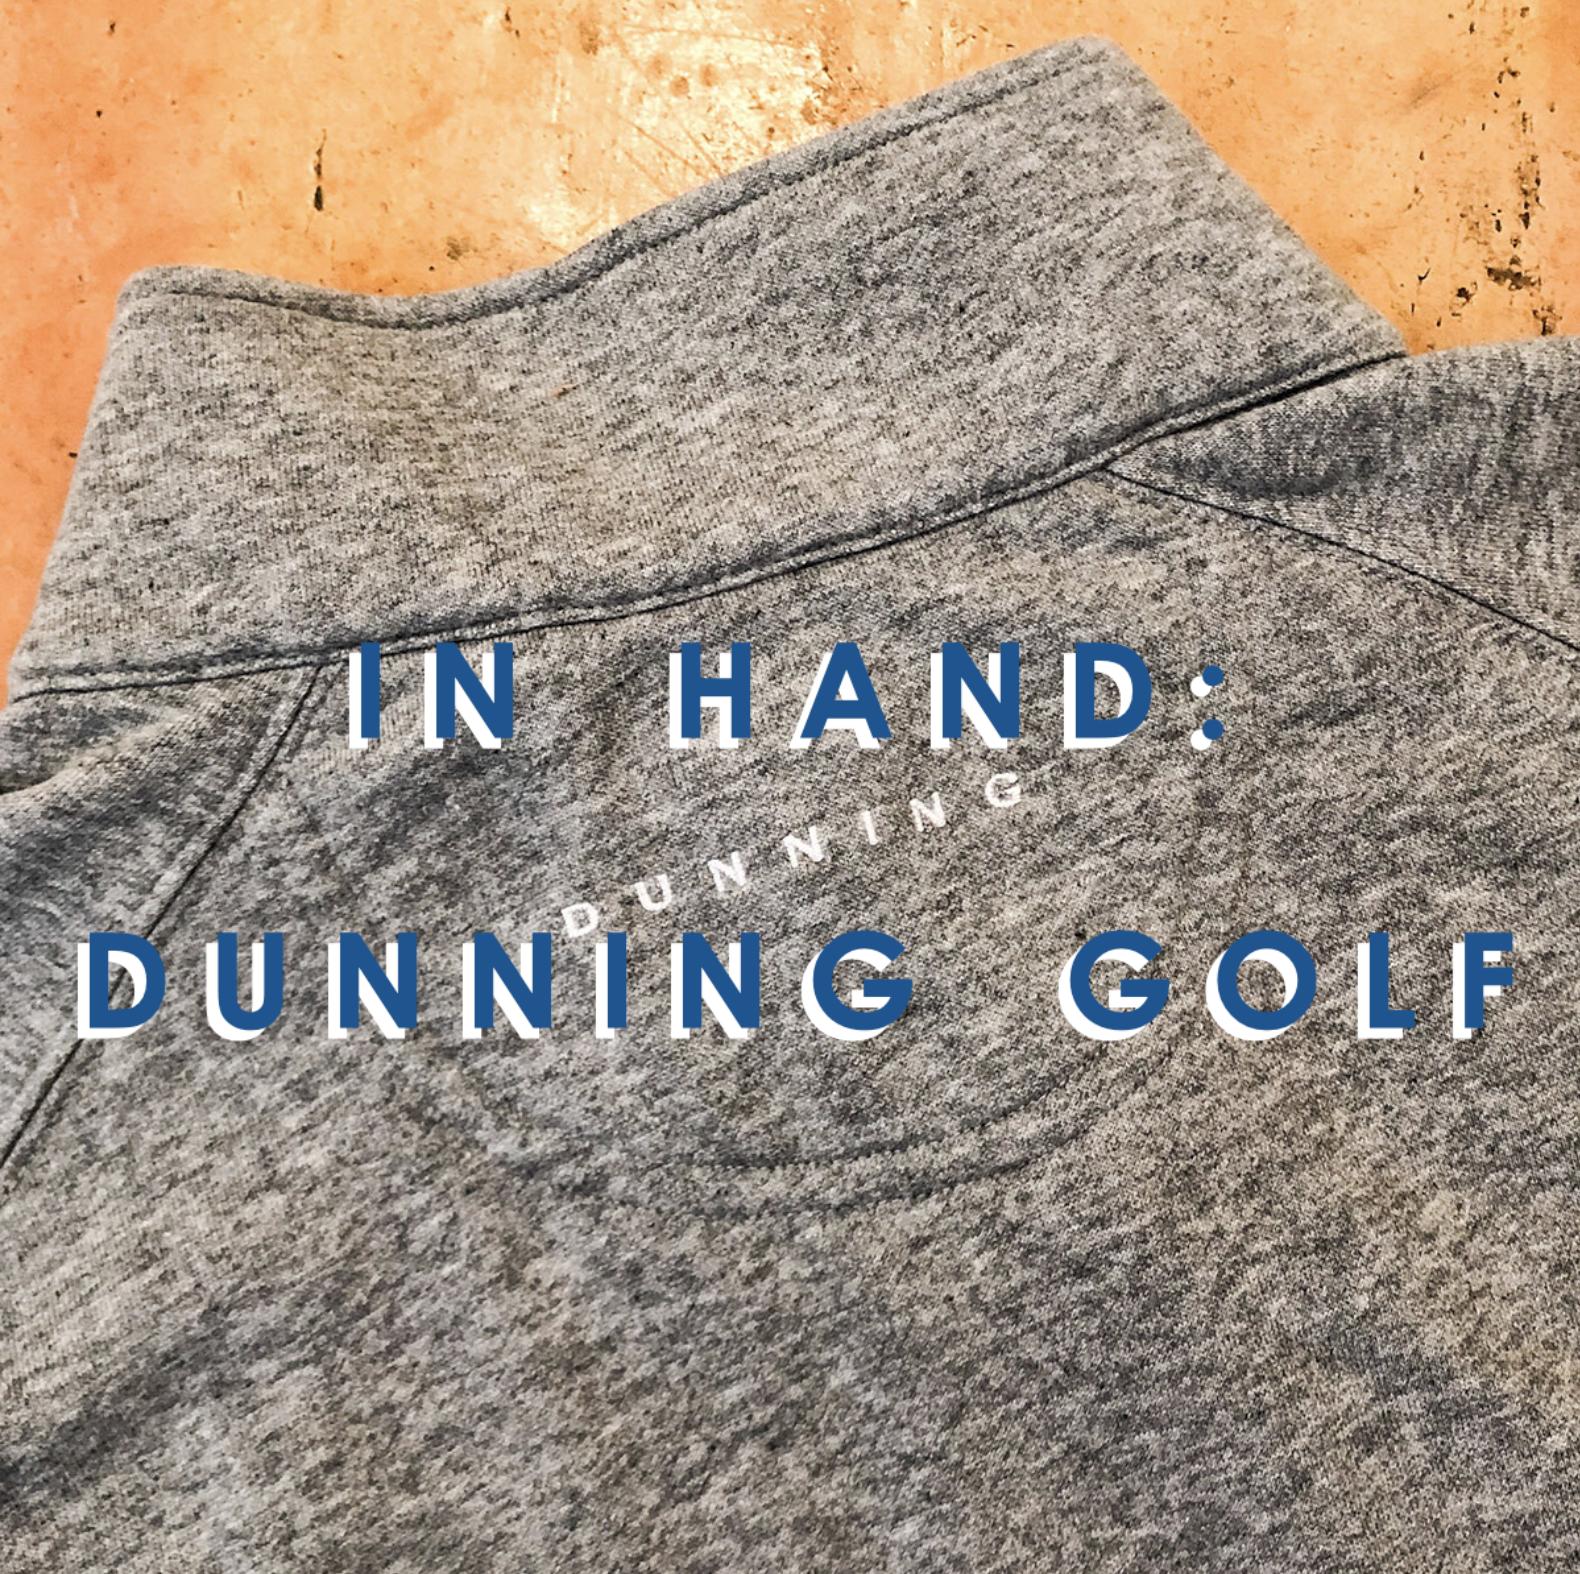 Back of Dunning golf shirt